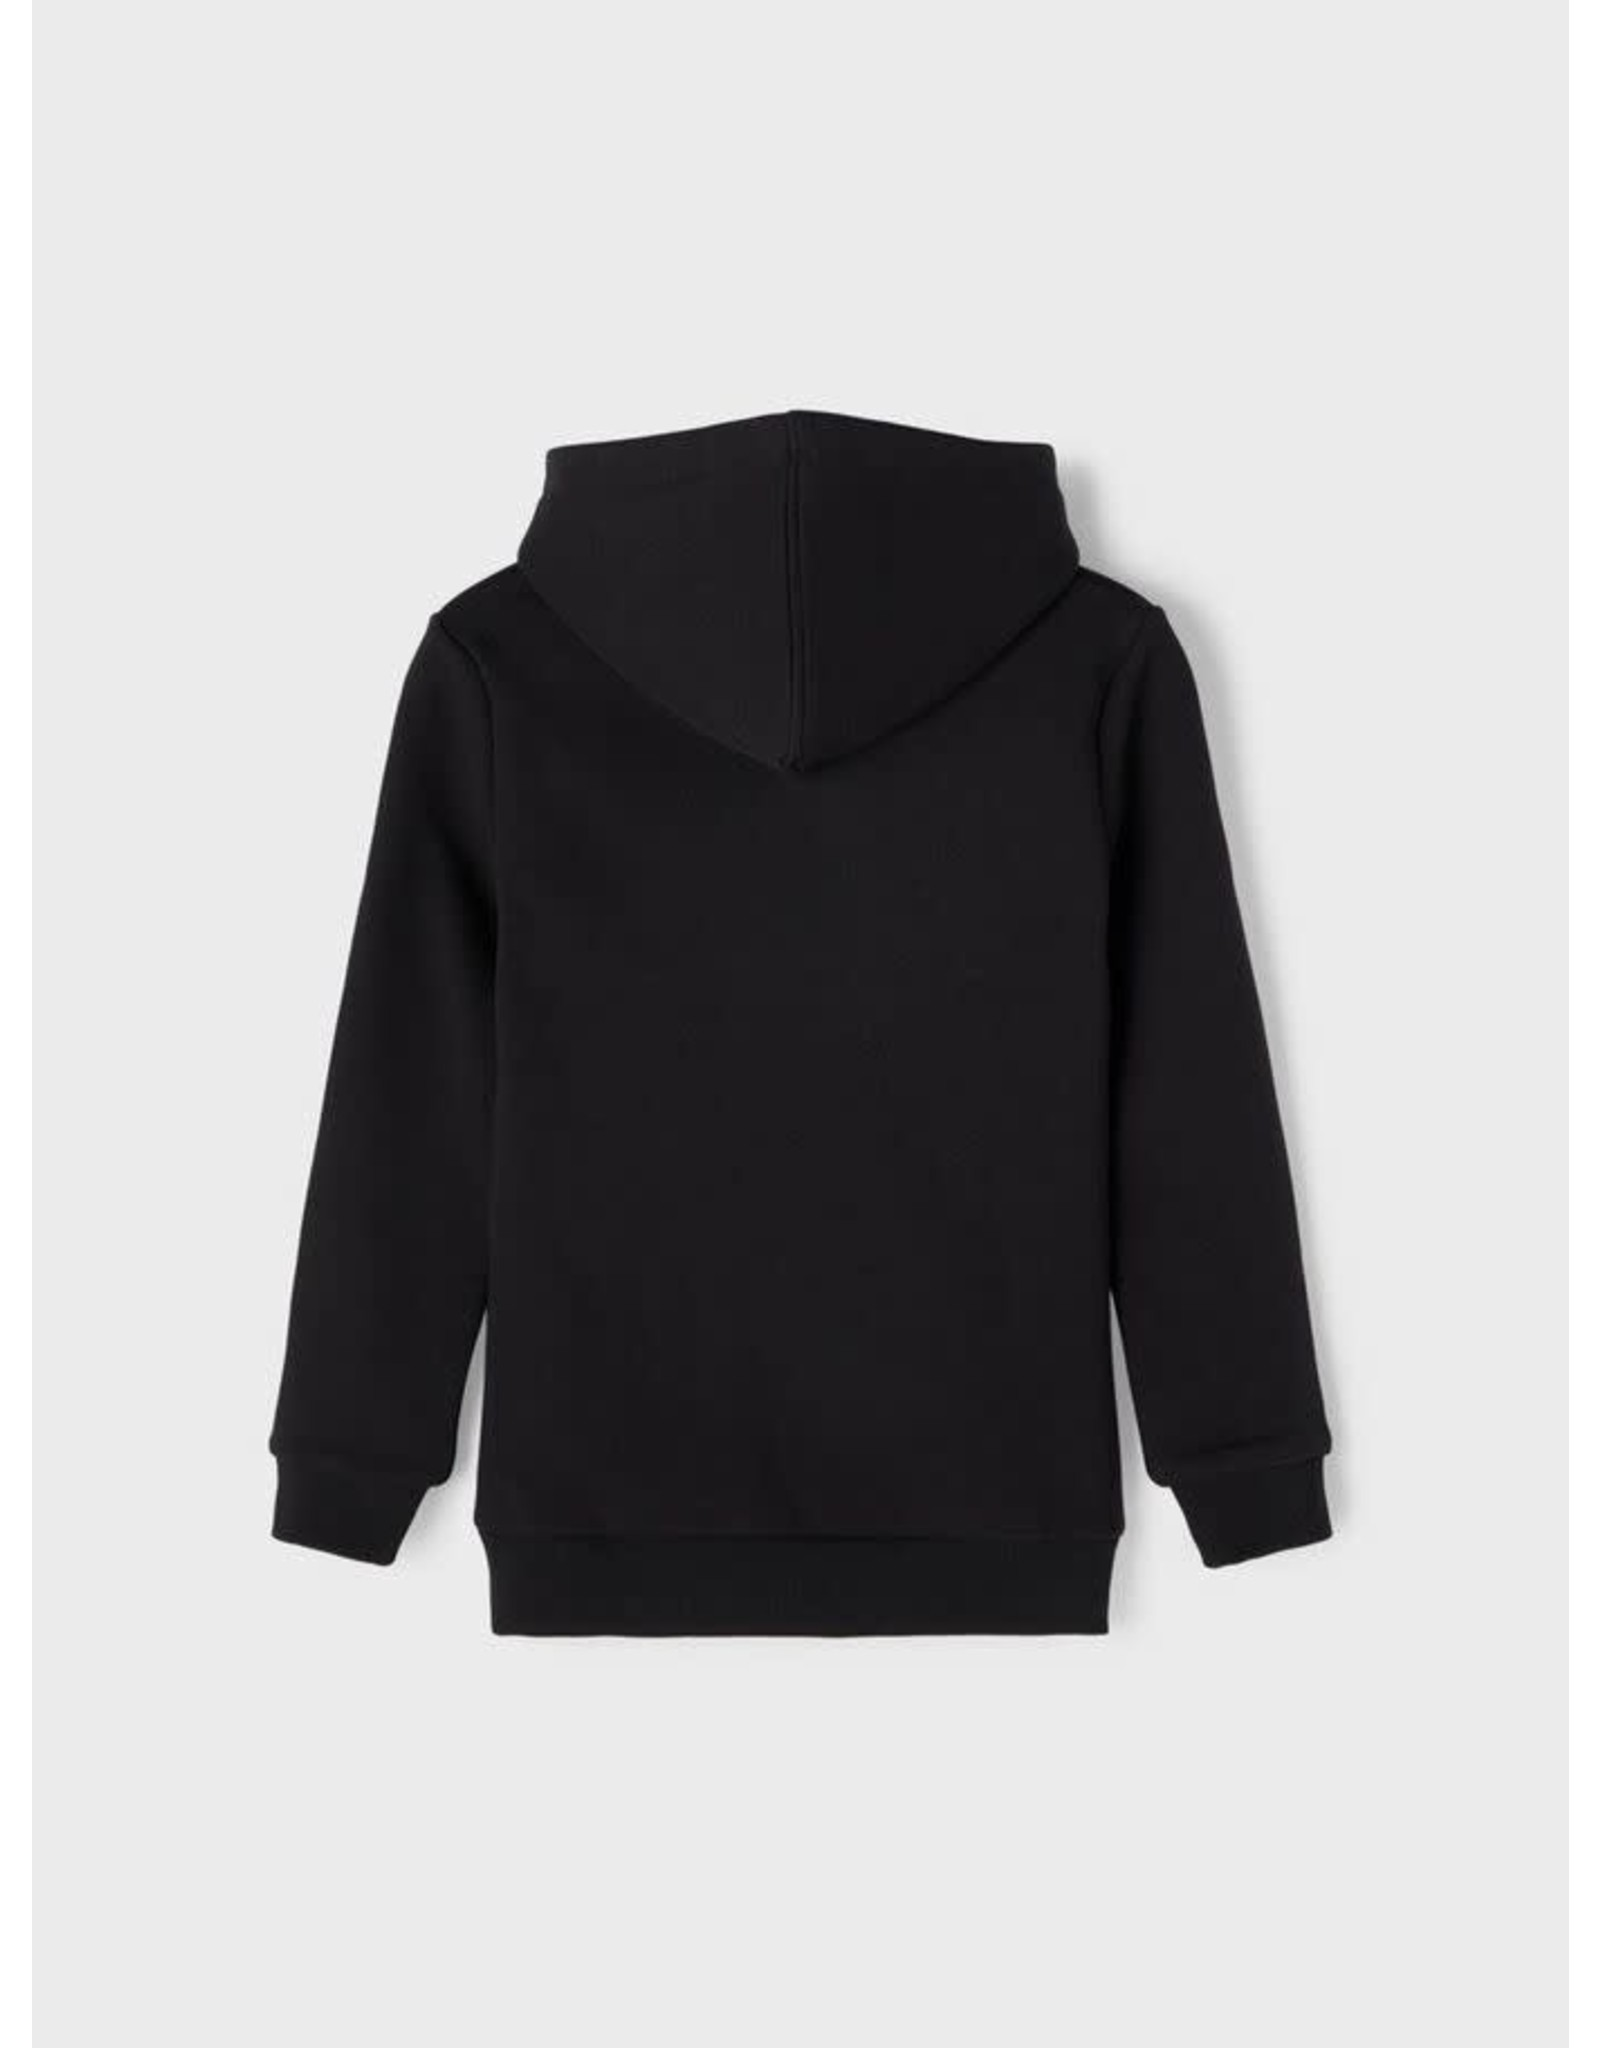 Name It Zwarte hoodie trui